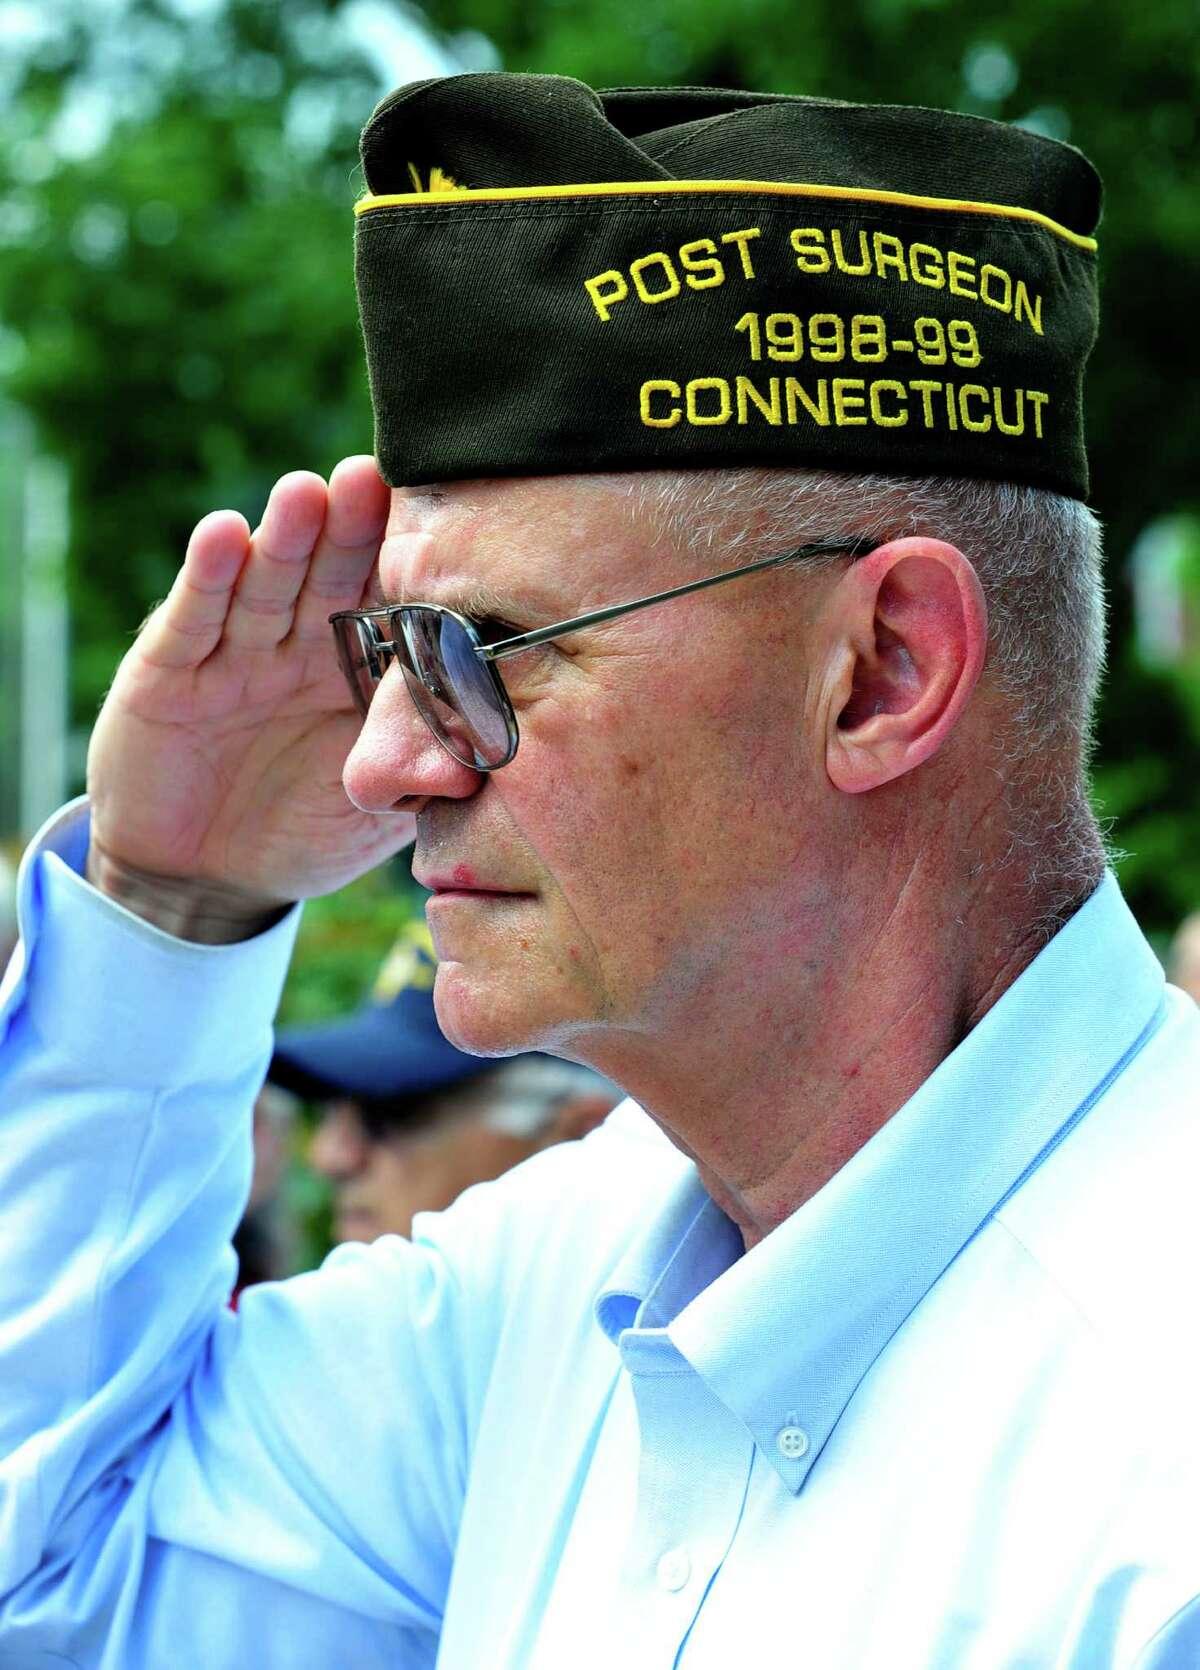 Wayne Dengler, a Vietnam veteran, salutes, as the Veterans Walkway of Honor dedication ceremony takes place at the Danbury War Memorial, in Danbury, Conn. Sunday, July 14, 2013.